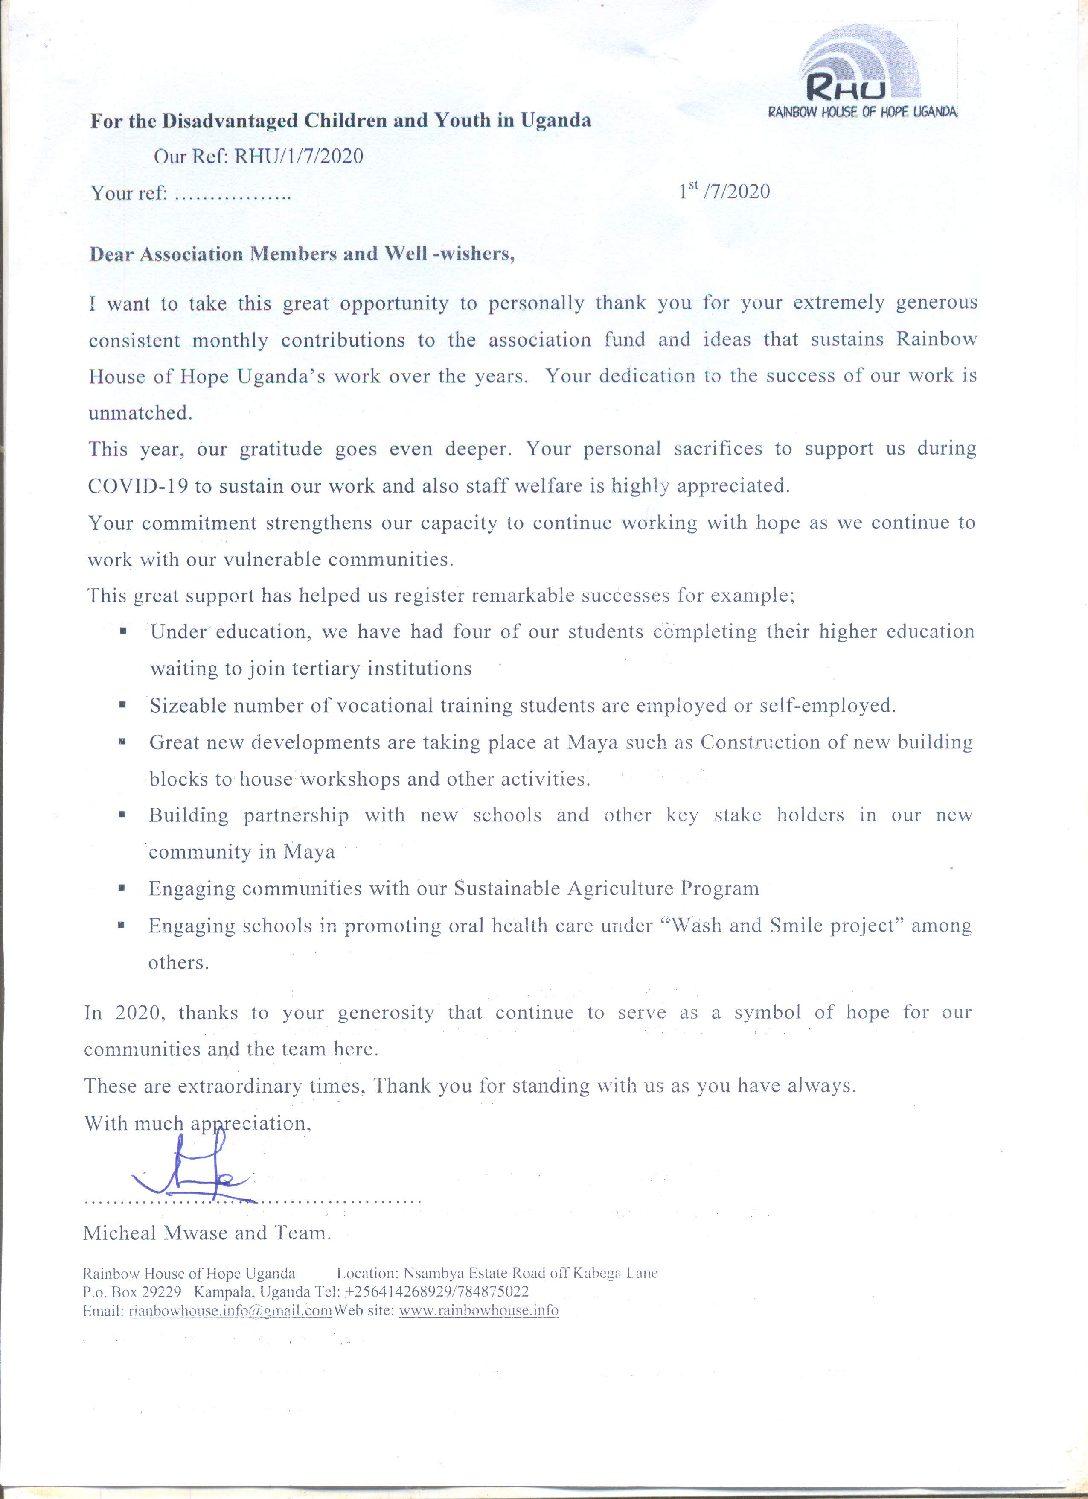 Dankesbrief von Micheal Mwase